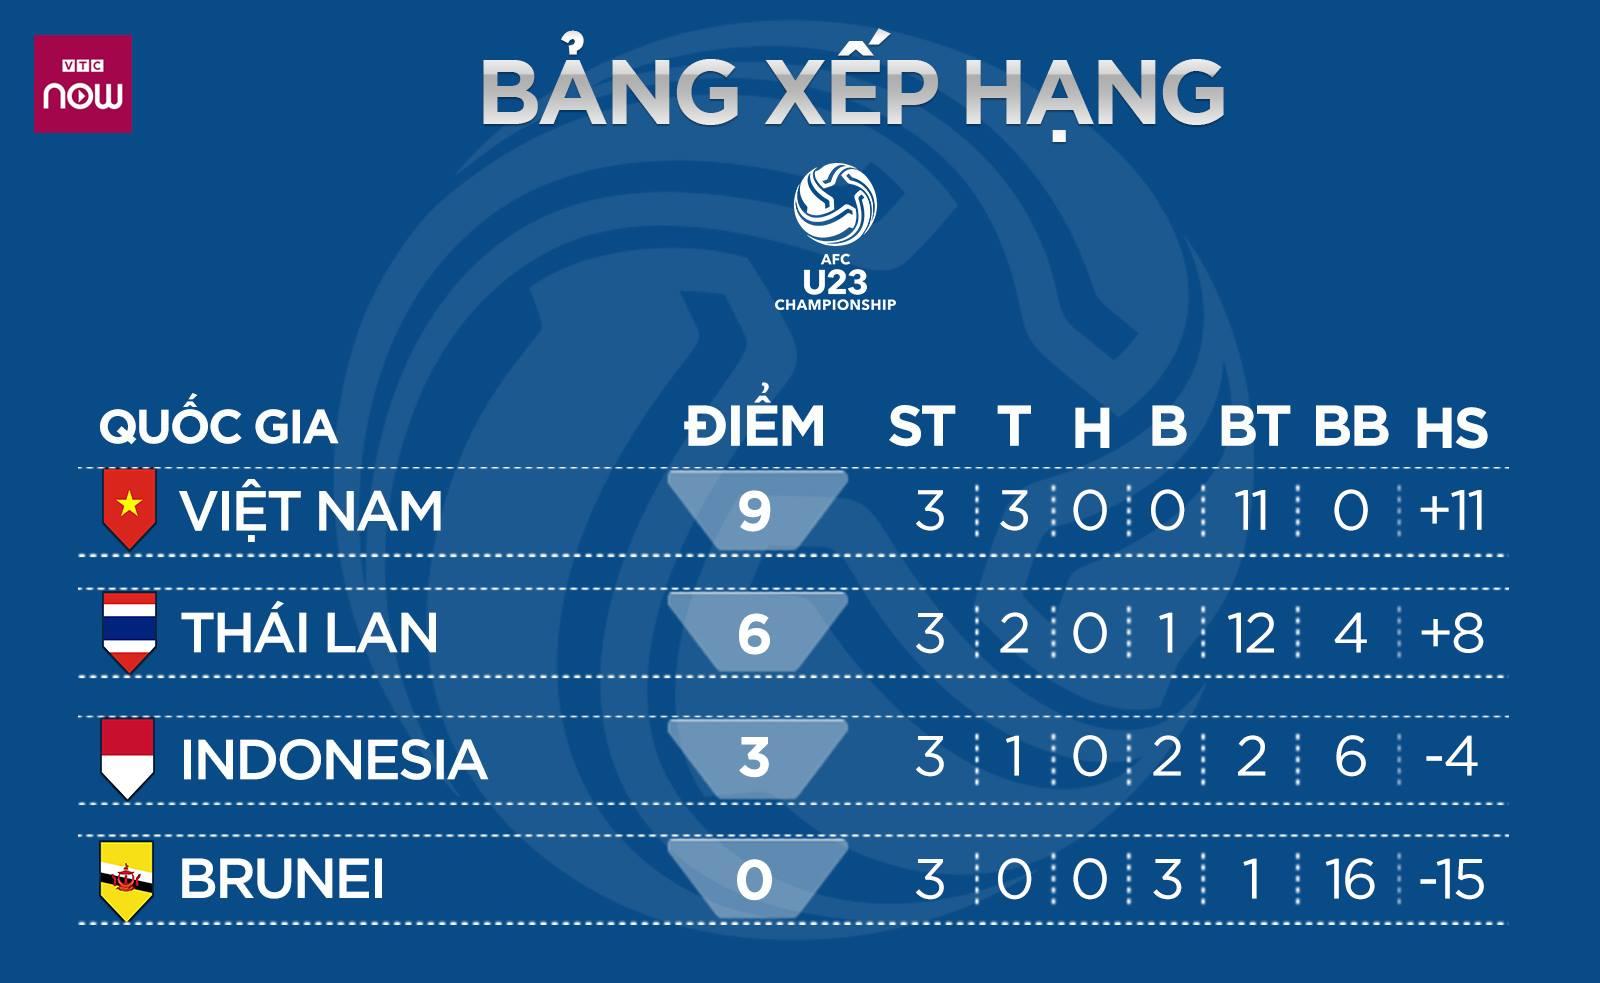 U23 Việt Nam, U23 Việt Nam 4-0 Thái Lan, kết quả U23 Việt Nam, kết quả bóng đá U23 châu Á, kqbd, u23 châu Á 2020, danh sách dự U23 châu Á, bóng đá Việt Nam, kết quả U23